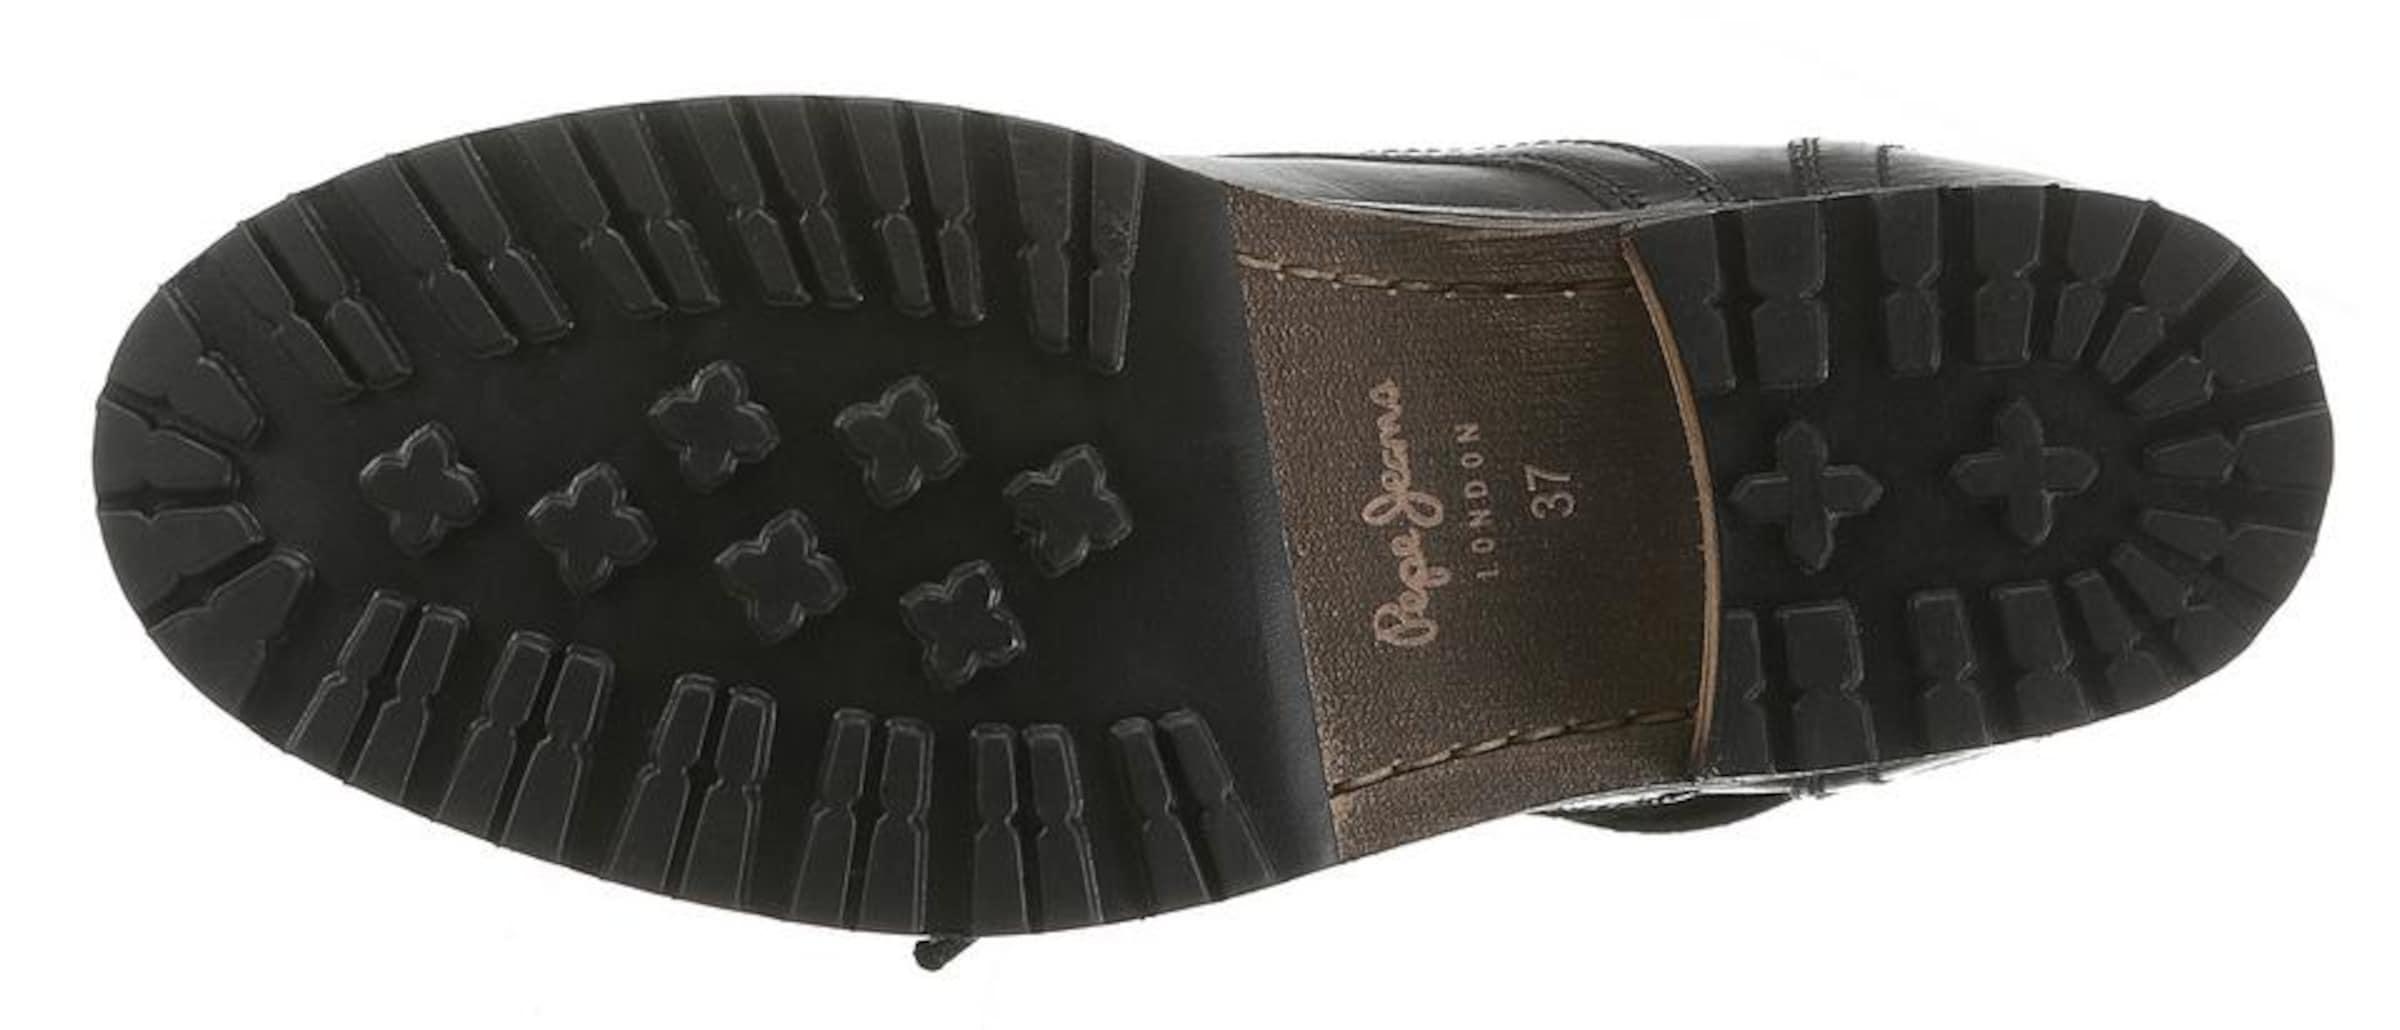 Bottes Noir En Bottes Pepe Pepe Jeans Jeans Noir En rxQtsChd